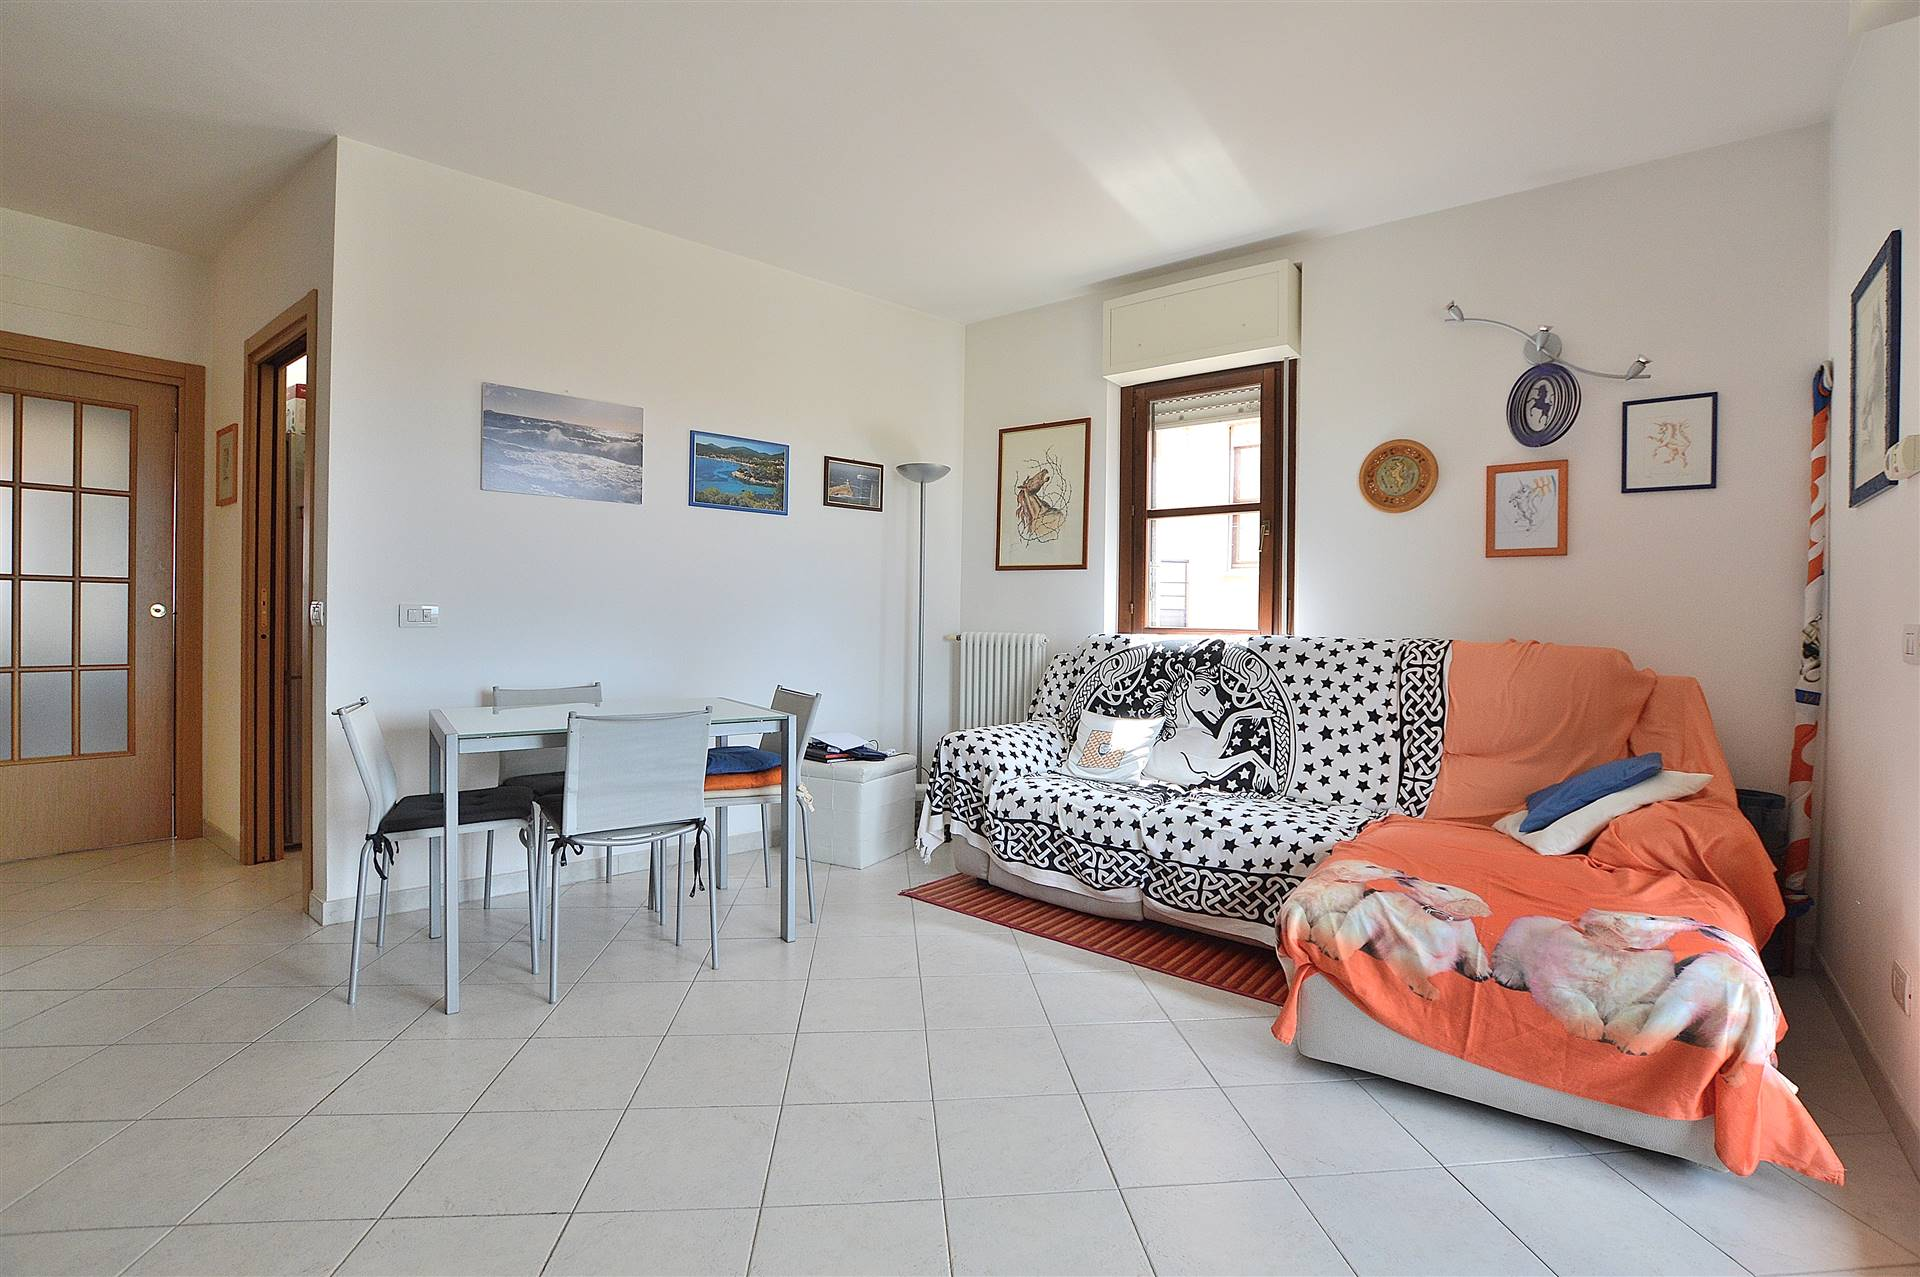 In località Arbia, in piacevole contesto residenziale, proponiamo grazioso appartamento di recente costruzione posto al secondo piano con ascensore